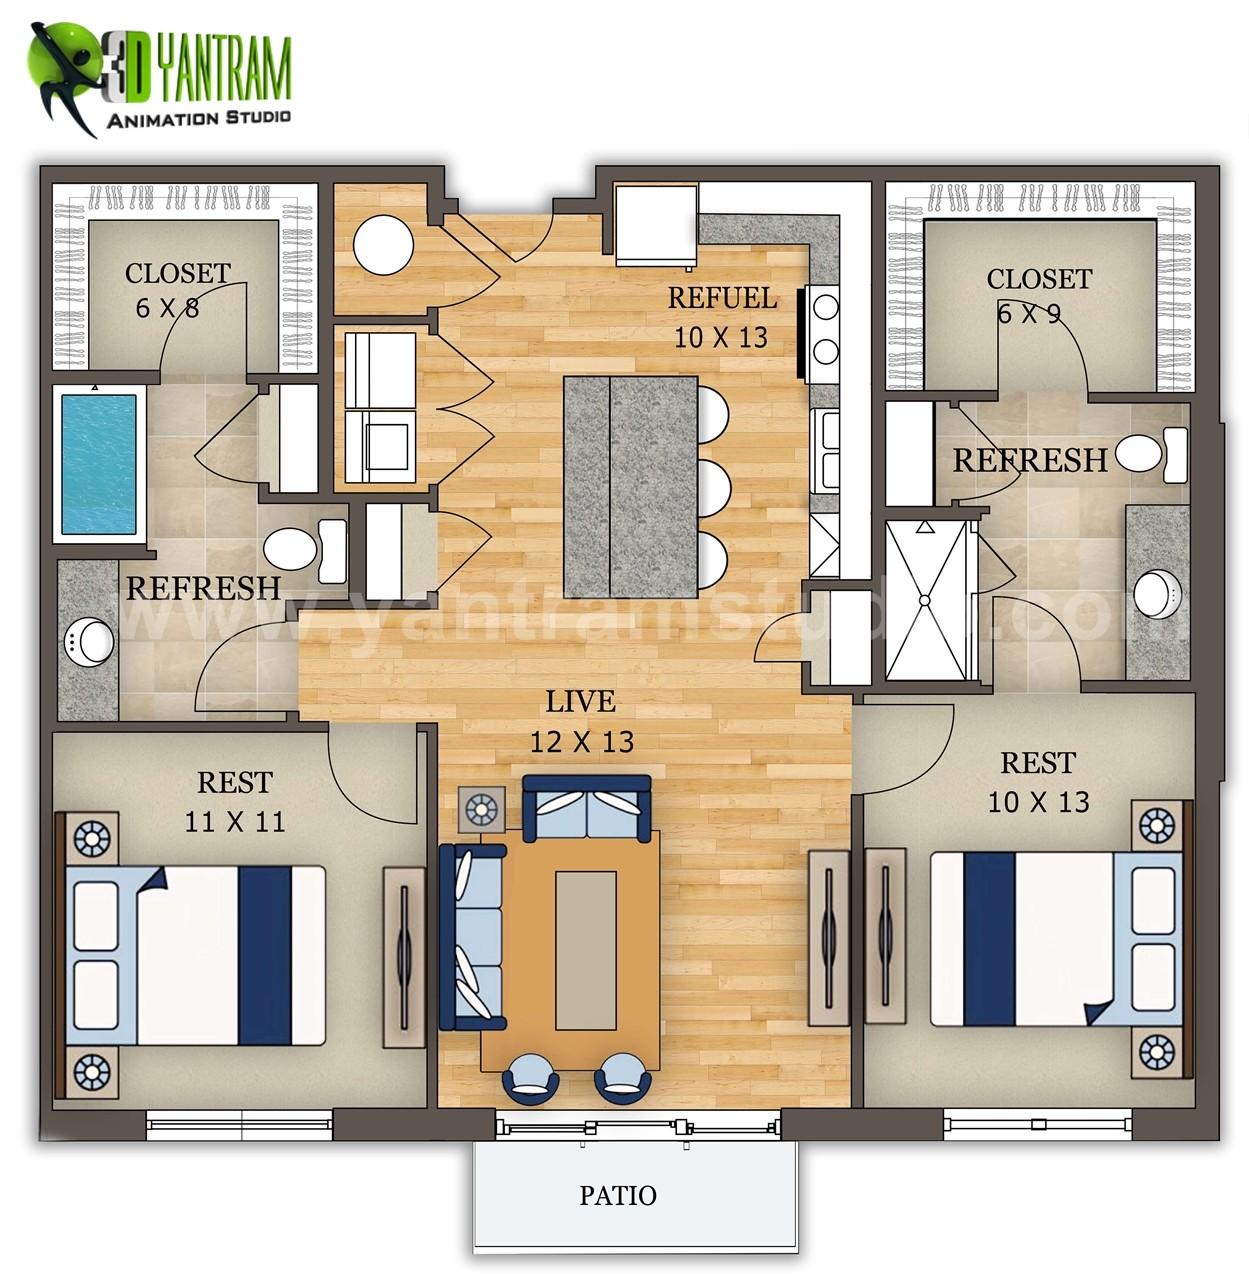 ArtStation - 2D Home Interactive Floor Plan Design by Yantram